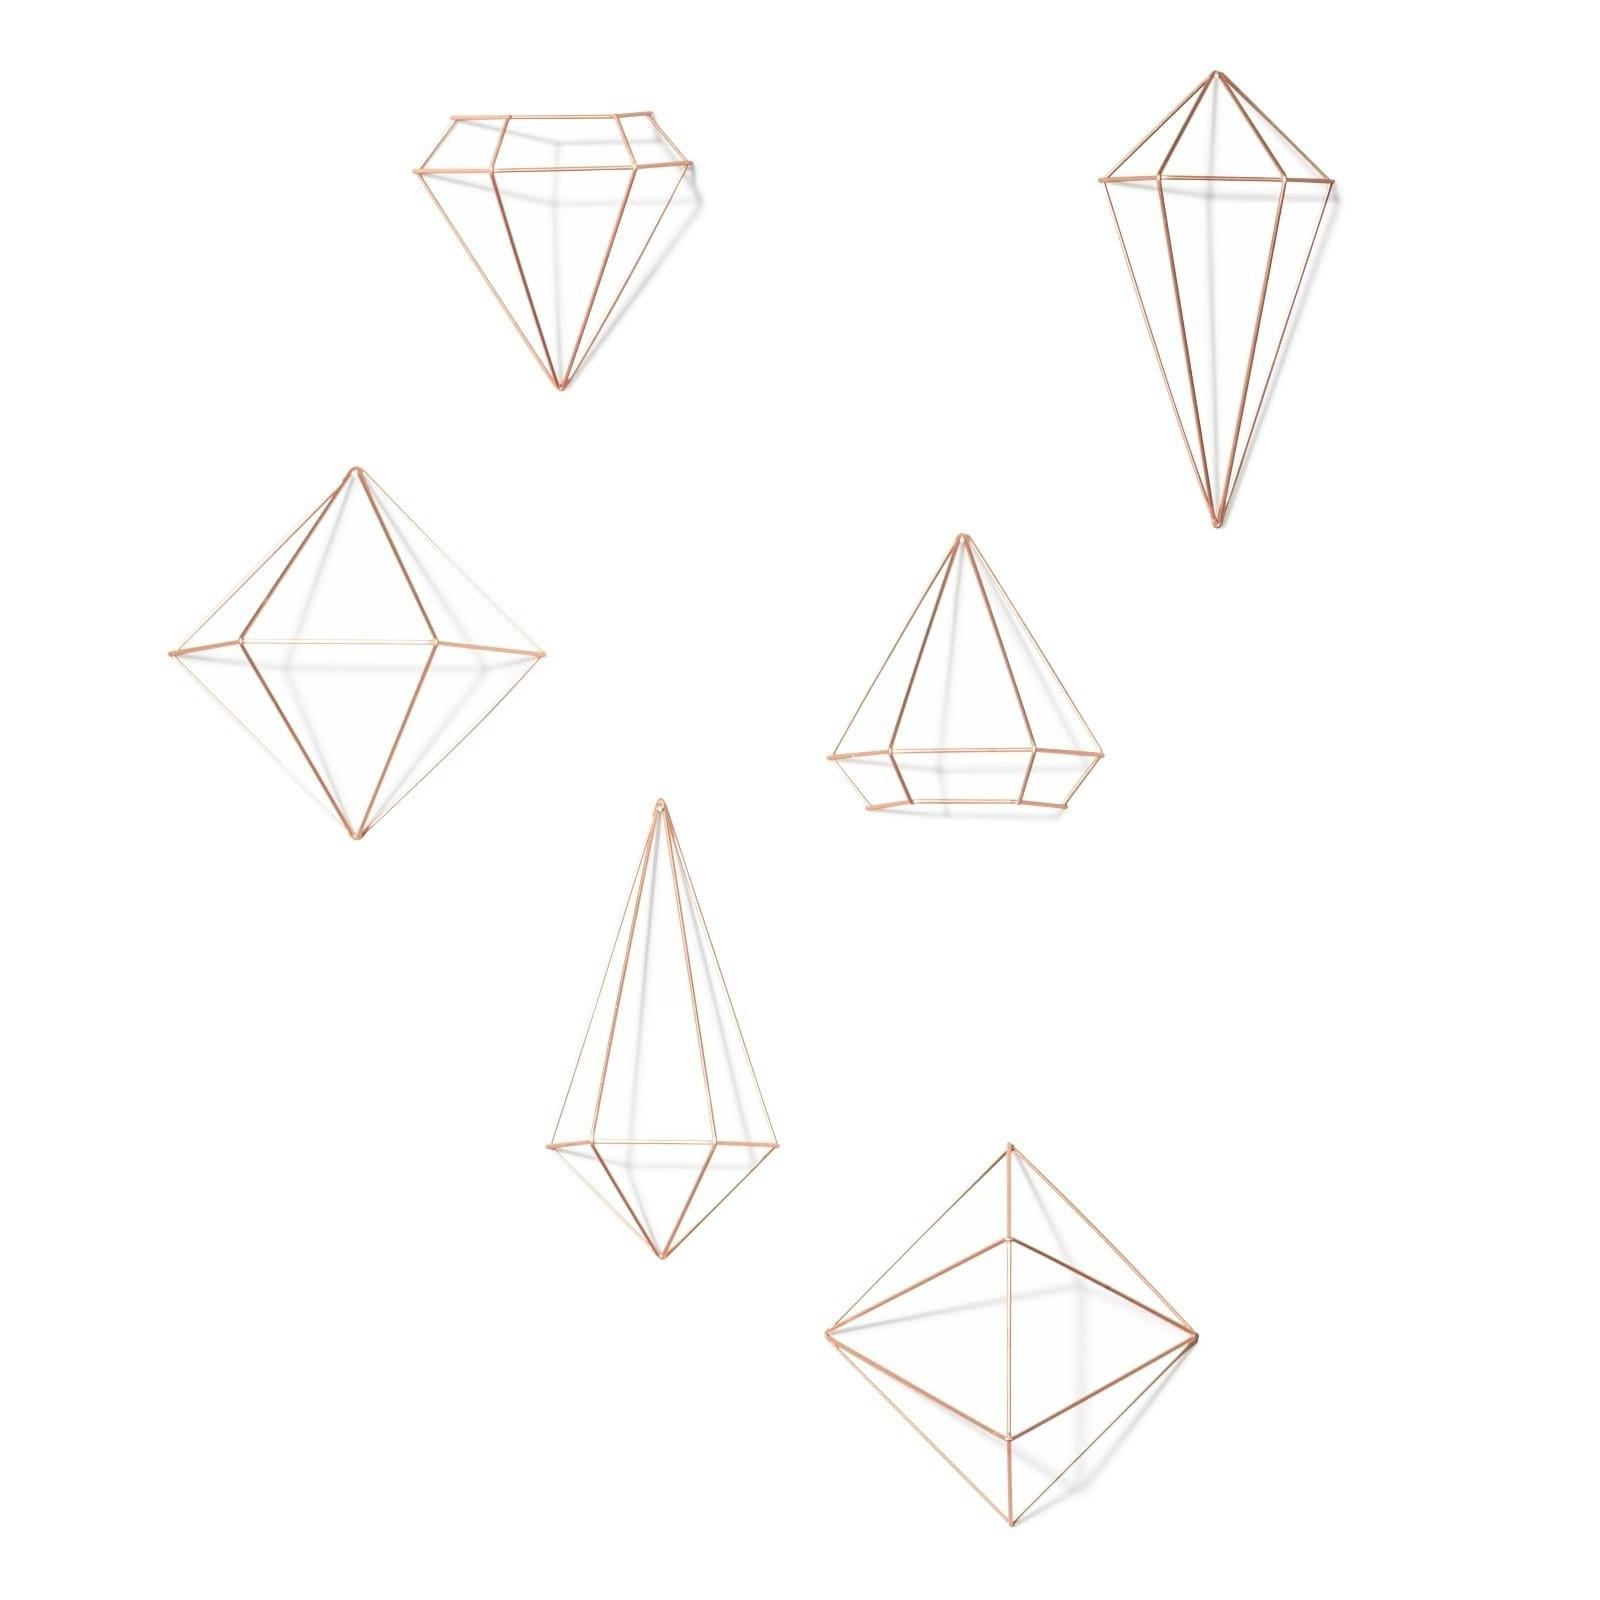 Μεταλλικά Διακοσμητικά Τοίχου Prisma Σετ των 6 (Χαλκός) - Umbra